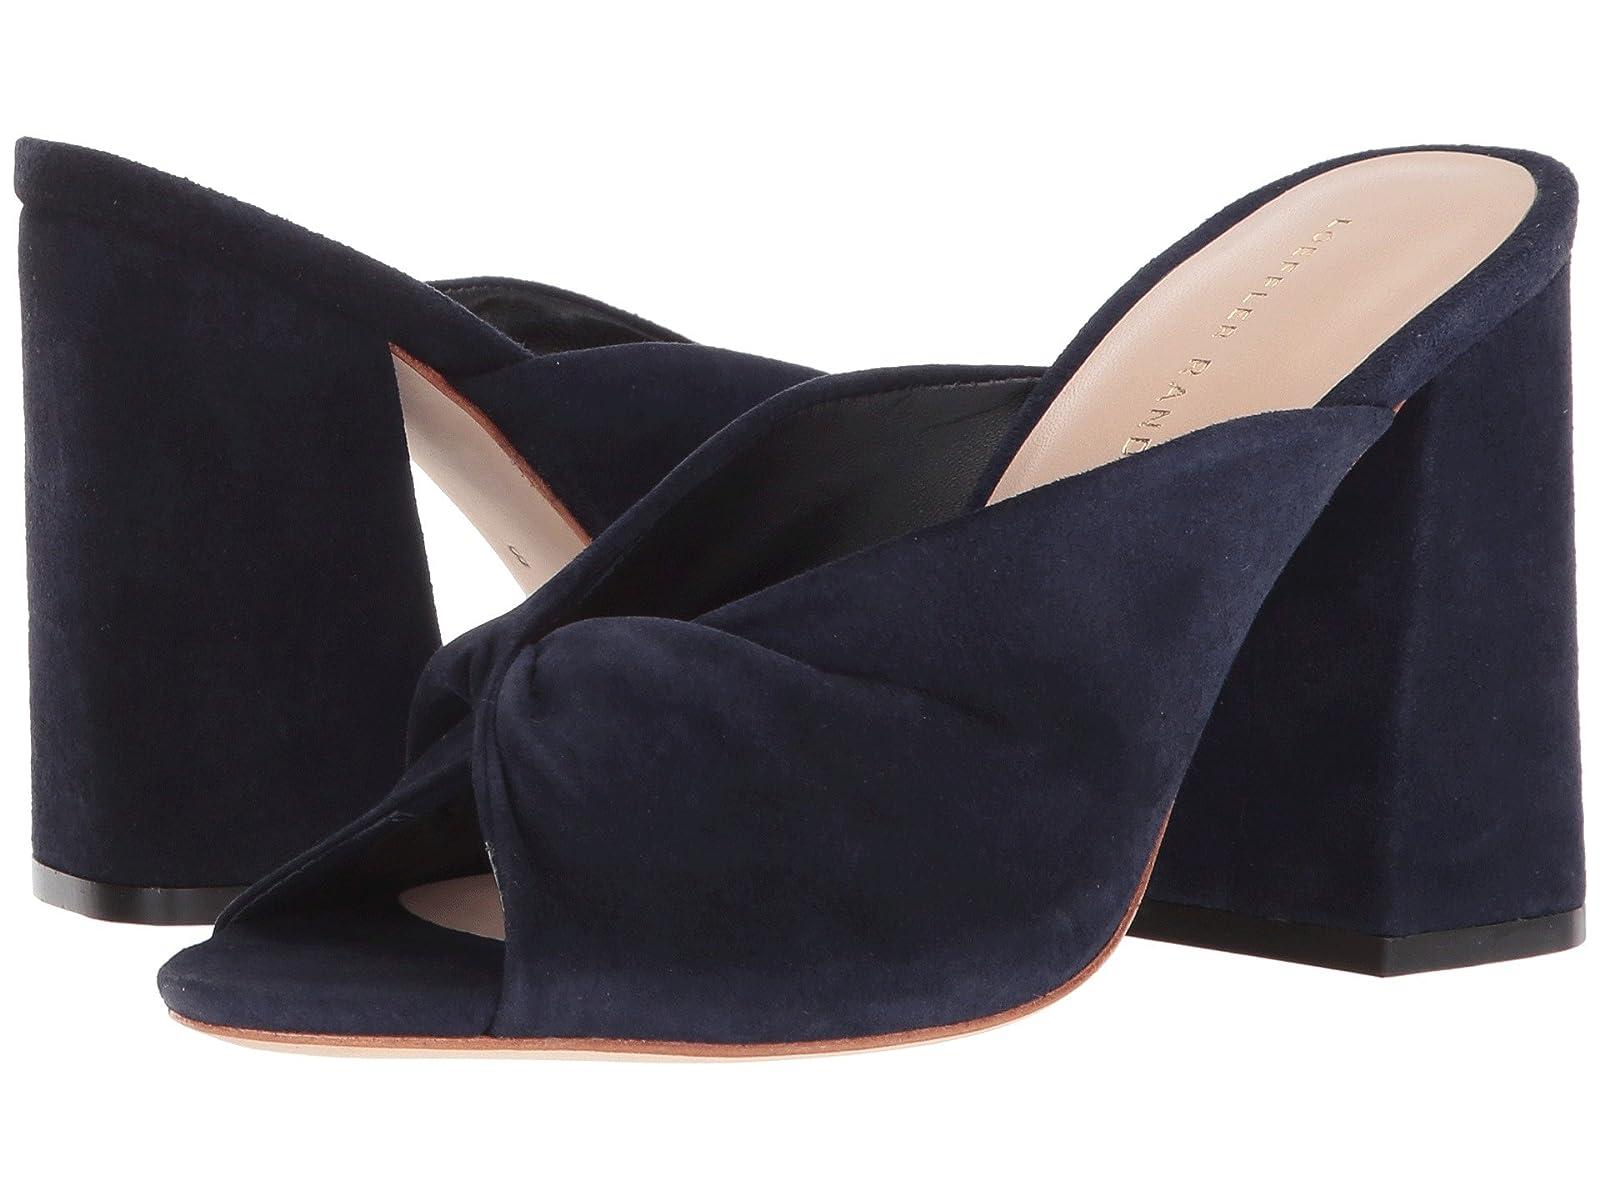 Loeffler Randall LaurelAtmospheric grades have affordable shoes